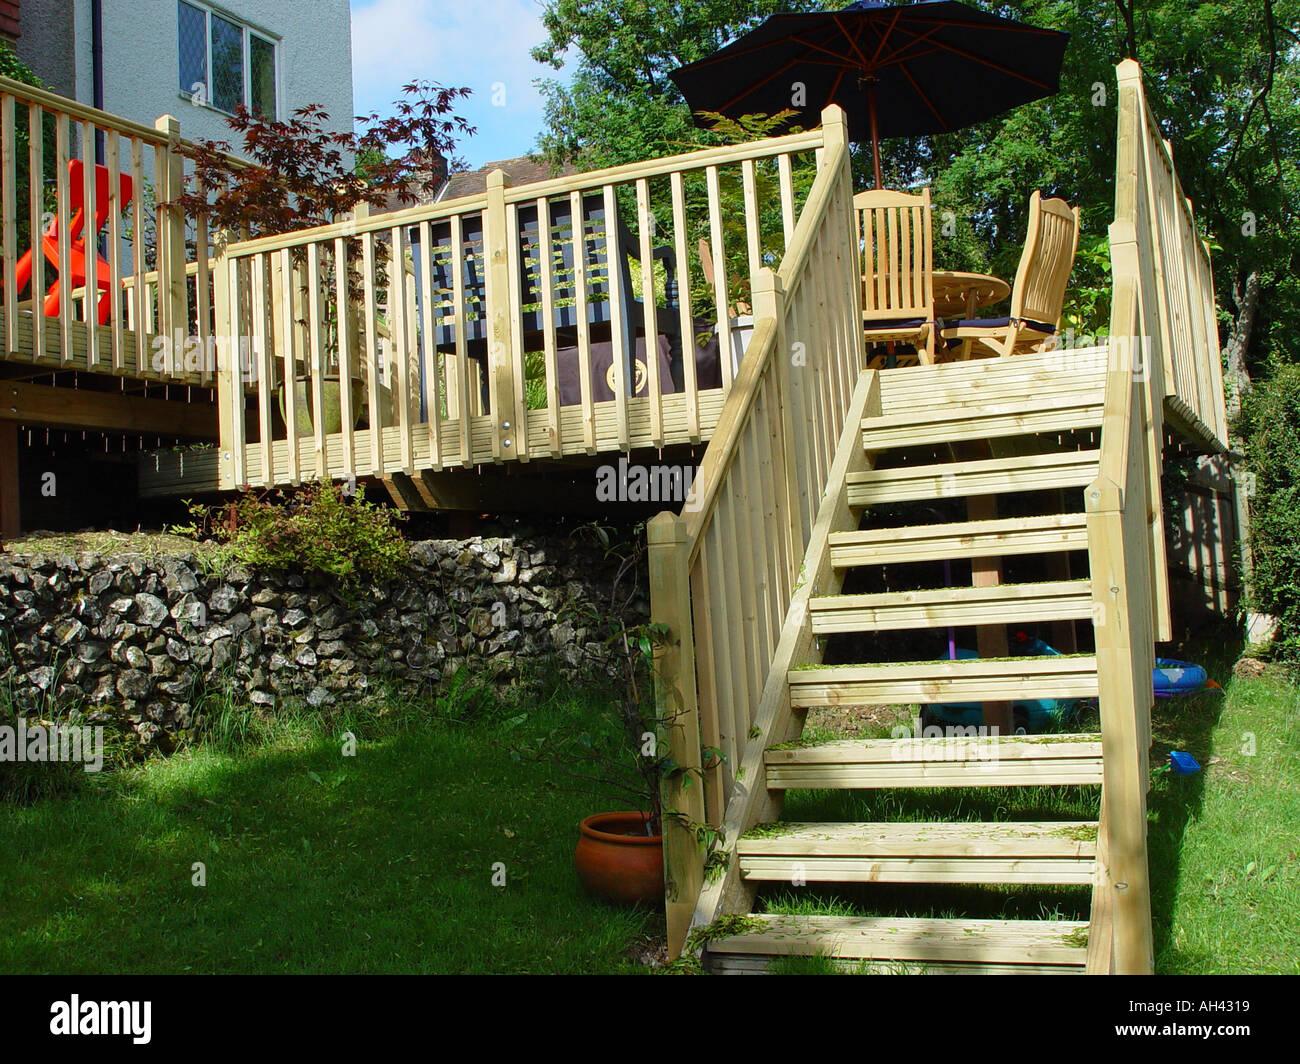 decking staircase from garden deck into garden includes balustrades - Stock Image